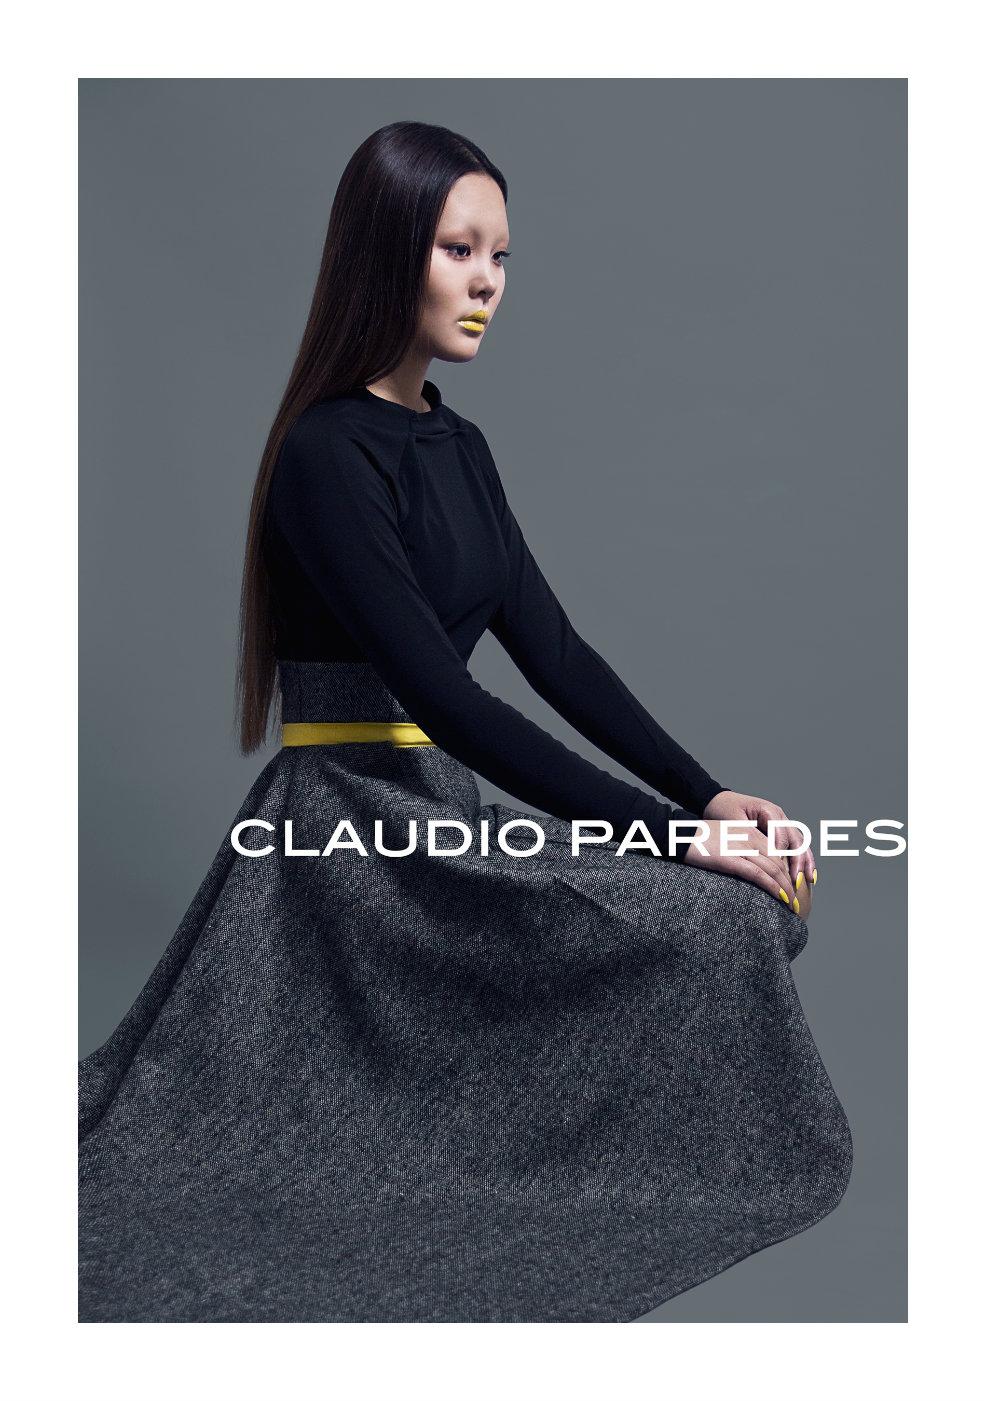 """El diseñador Claudio Paredes se lanza en solitario: """"La estética de Claudio Paredes es la misma de C+J: modernidad, elegancia y exclusividad"""""""